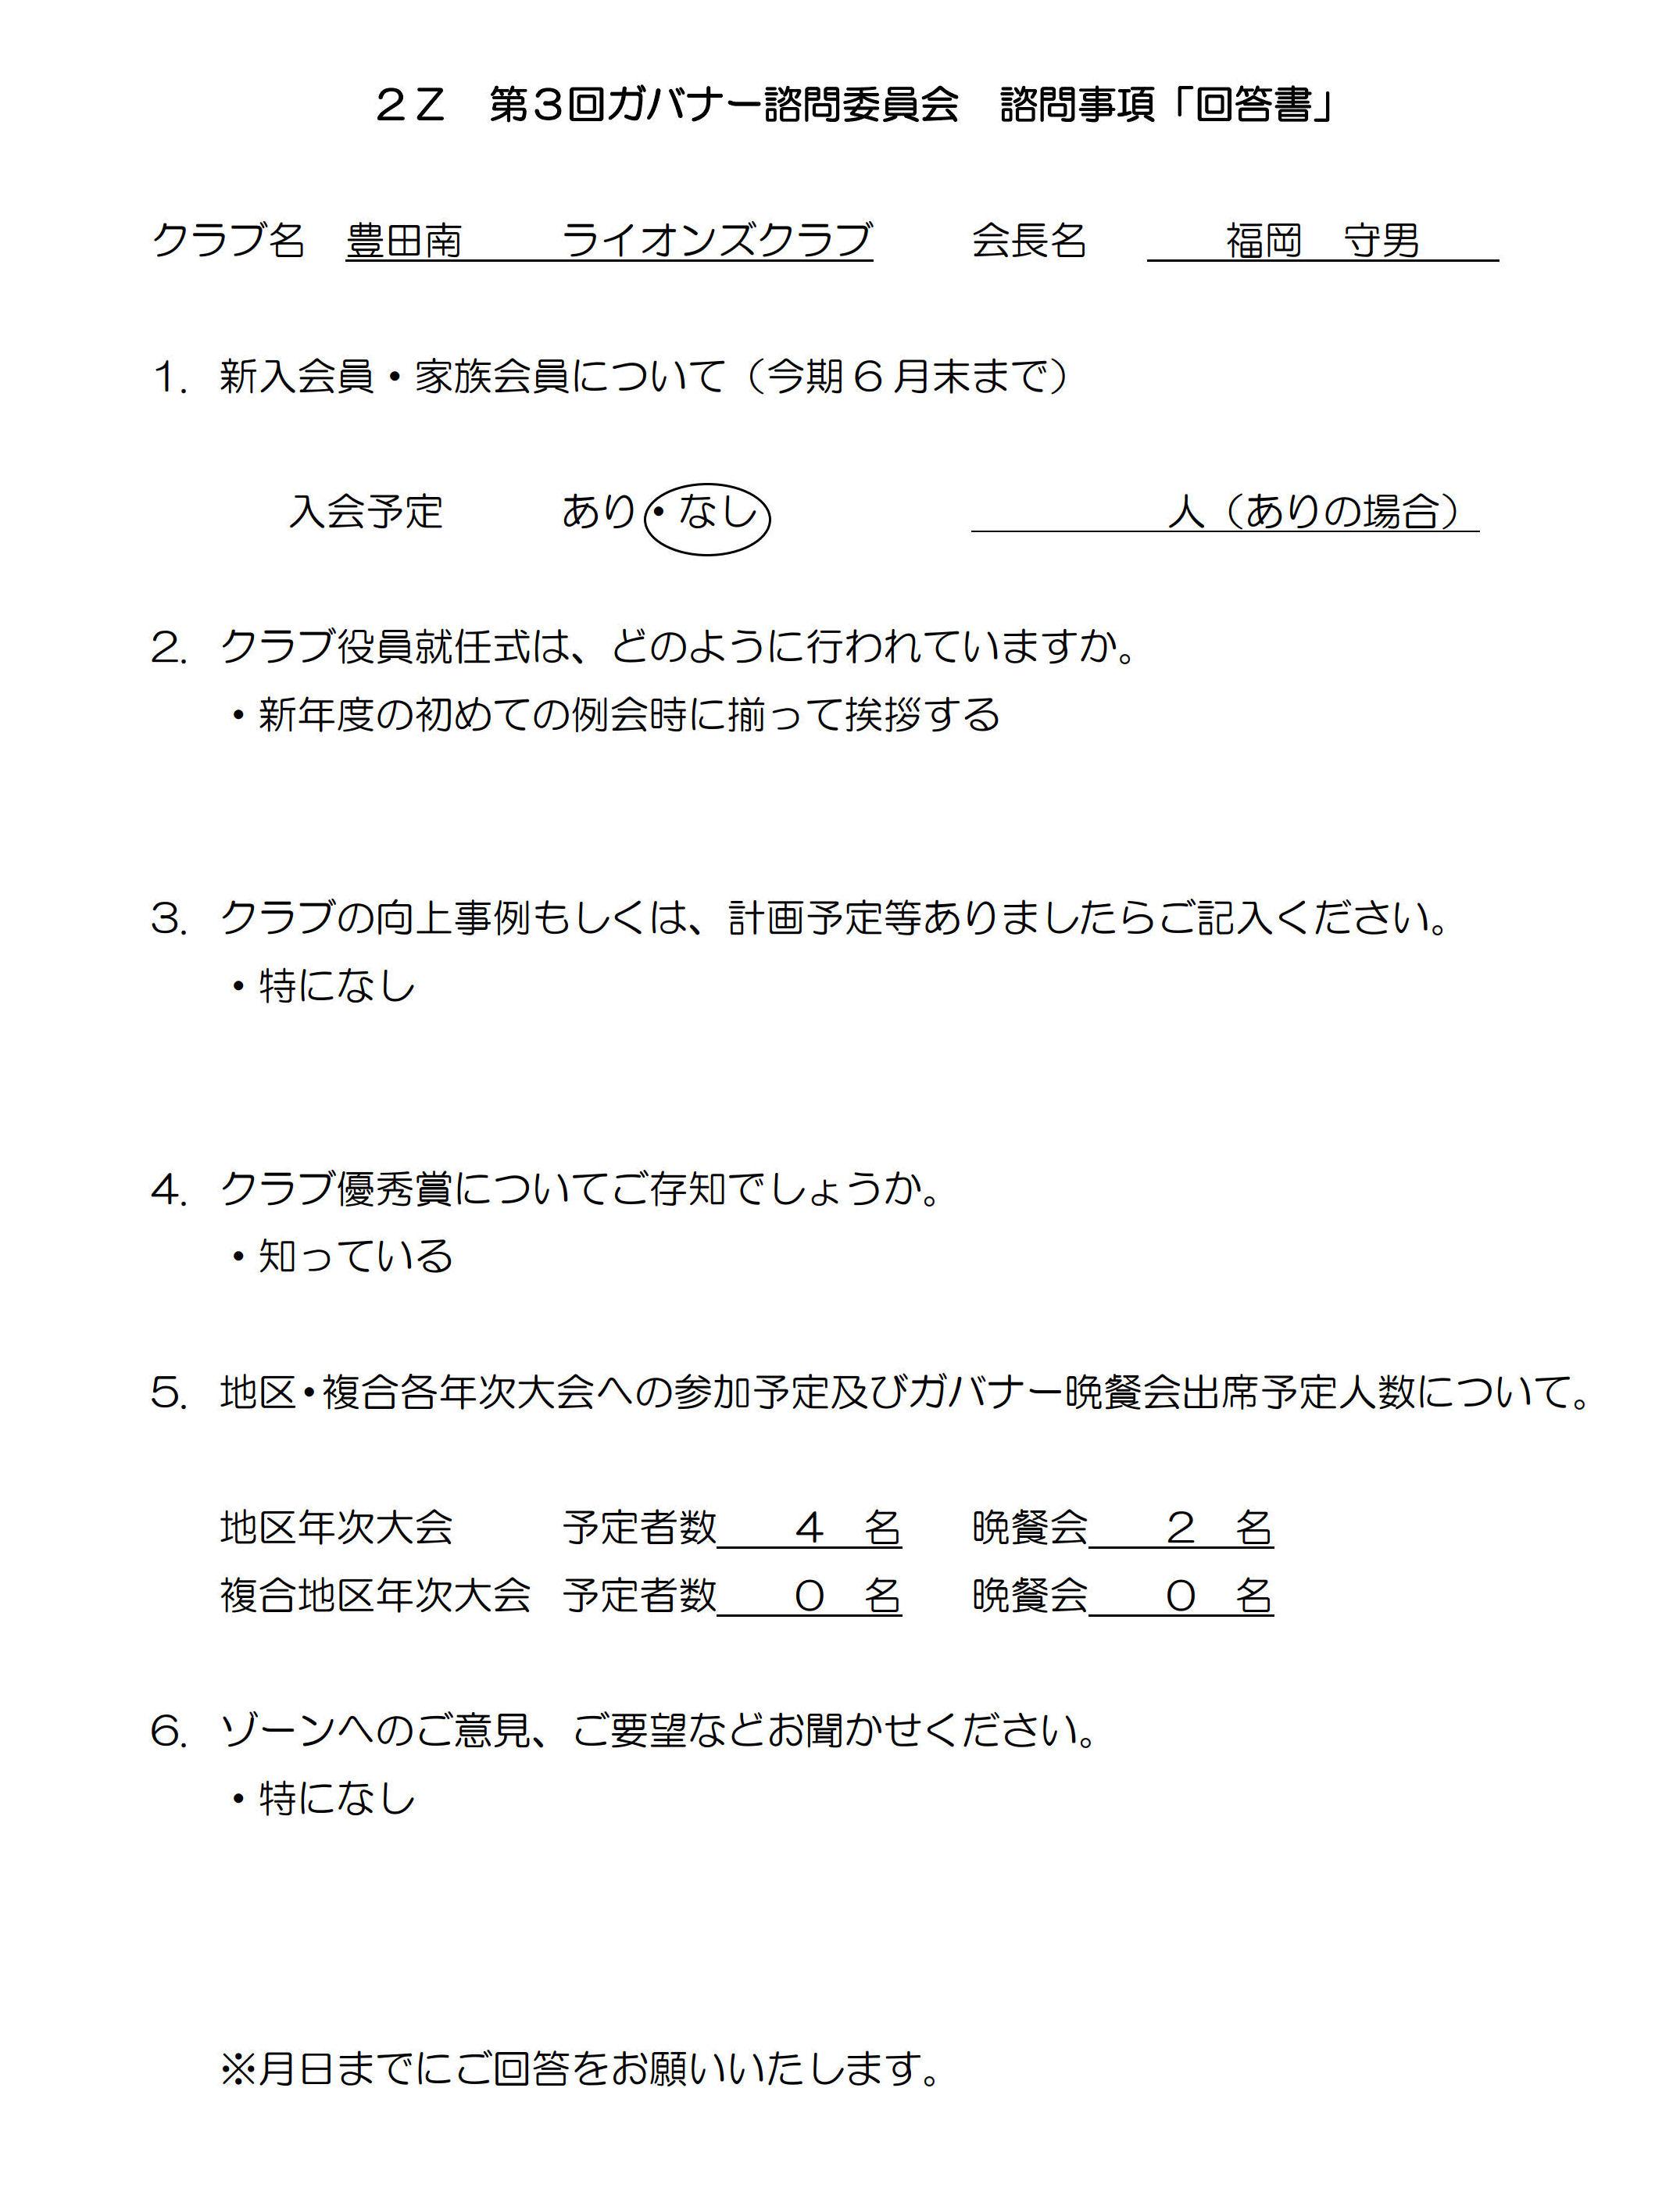 003,豊田南第3回ガバナー諮問委員会諮問事項(2019)1